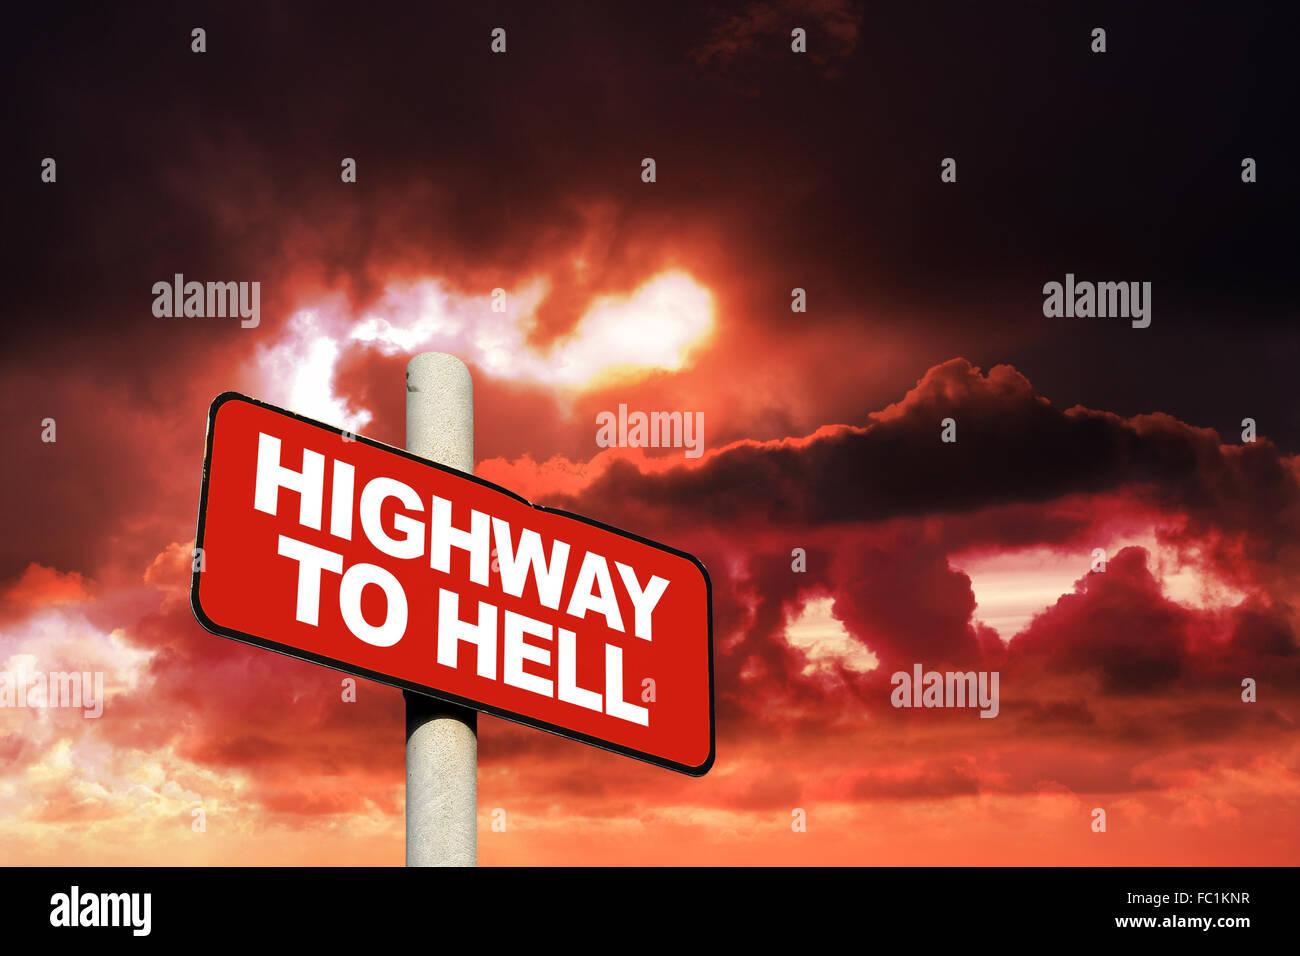 Highway zur Hölle Zeichen Stockbild